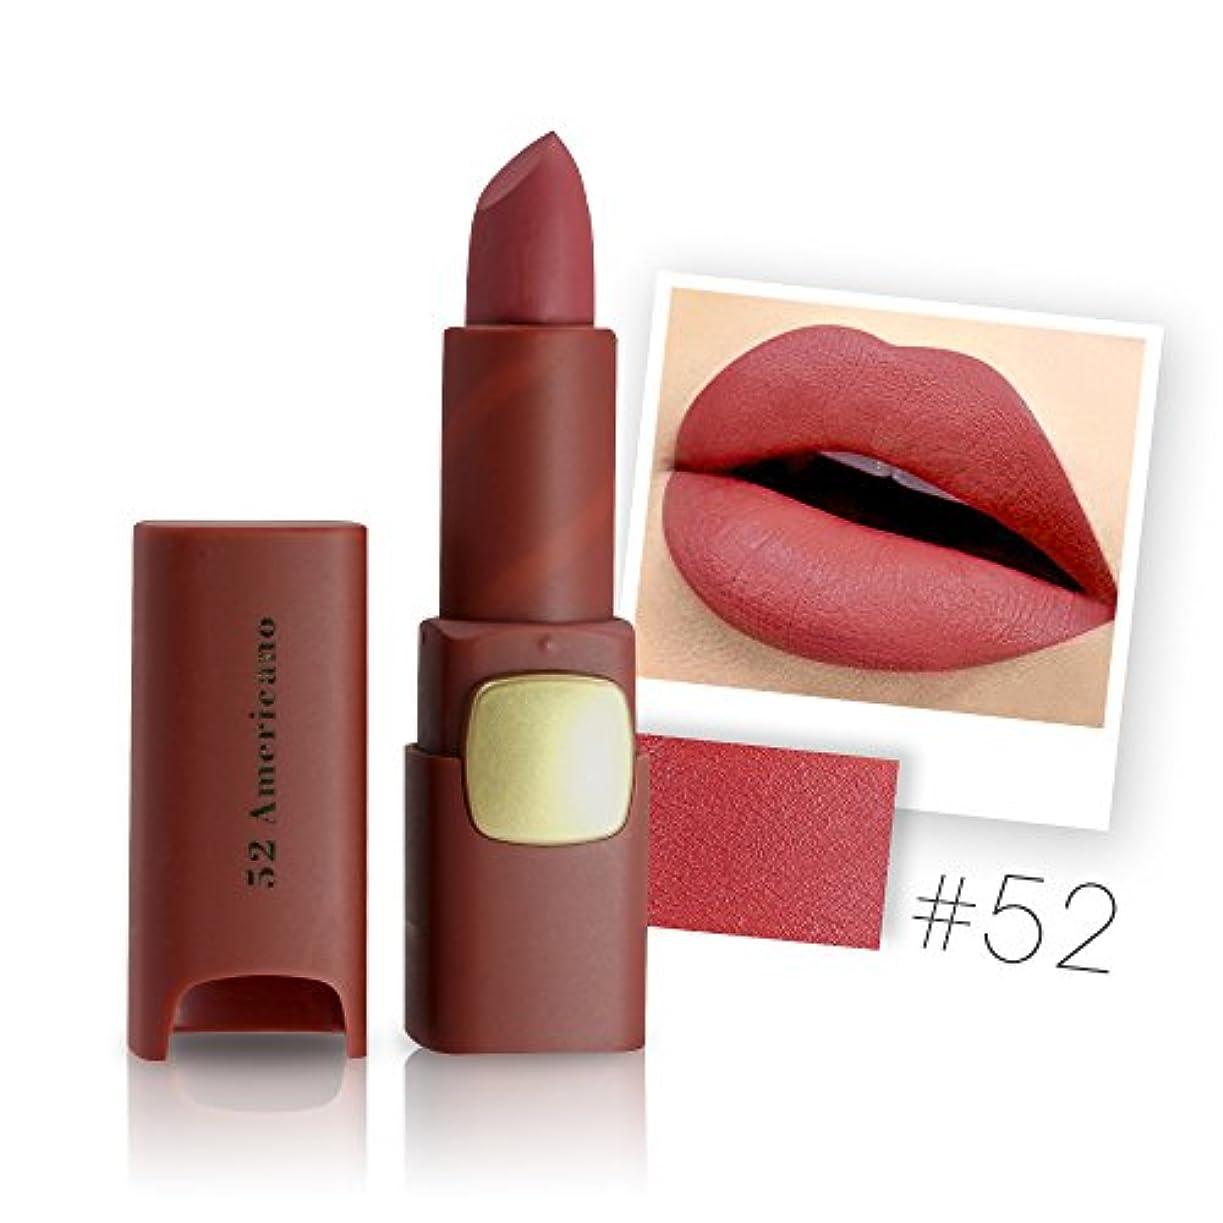 イライラするエンドテーブル七時半Miss Rose Brand Matte Lipstick Waterproof Lips Moisturizing Easy To Wear Makeup Lip Sticks Gloss Lipsticks Cosmetic